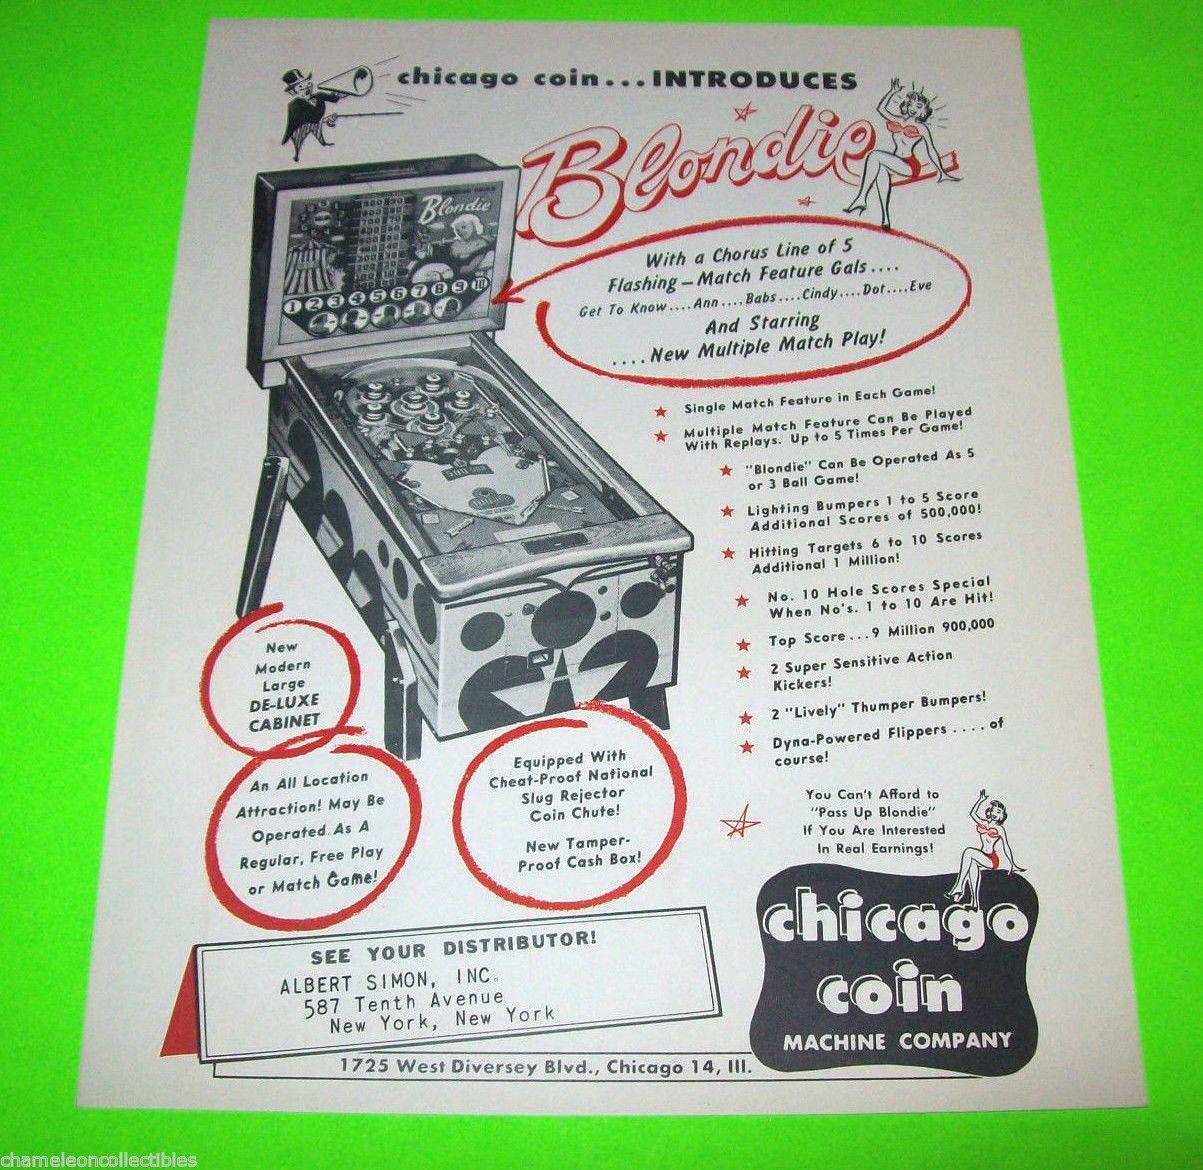 Blondie by Chicago Coin 1956 Original Pinball Machine